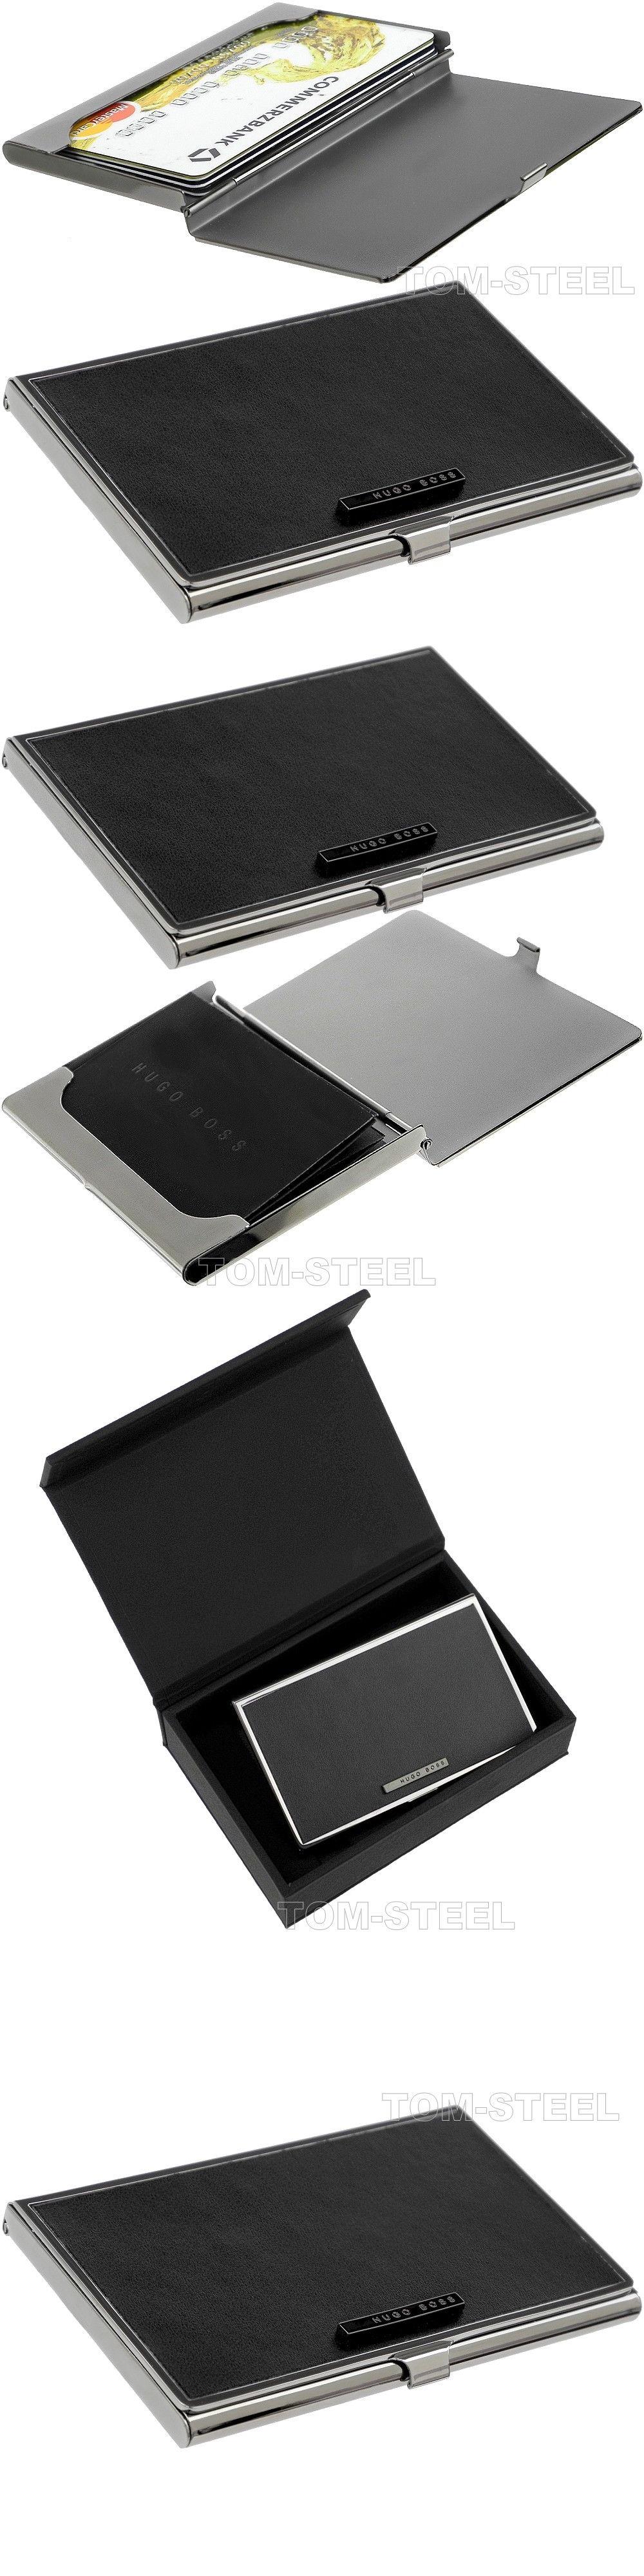 Checkbook holders 105408 hugo boss stainless steel credit card case checkbook holders 105408 hugo boss stainless steel credit card case business buy it colourmoves